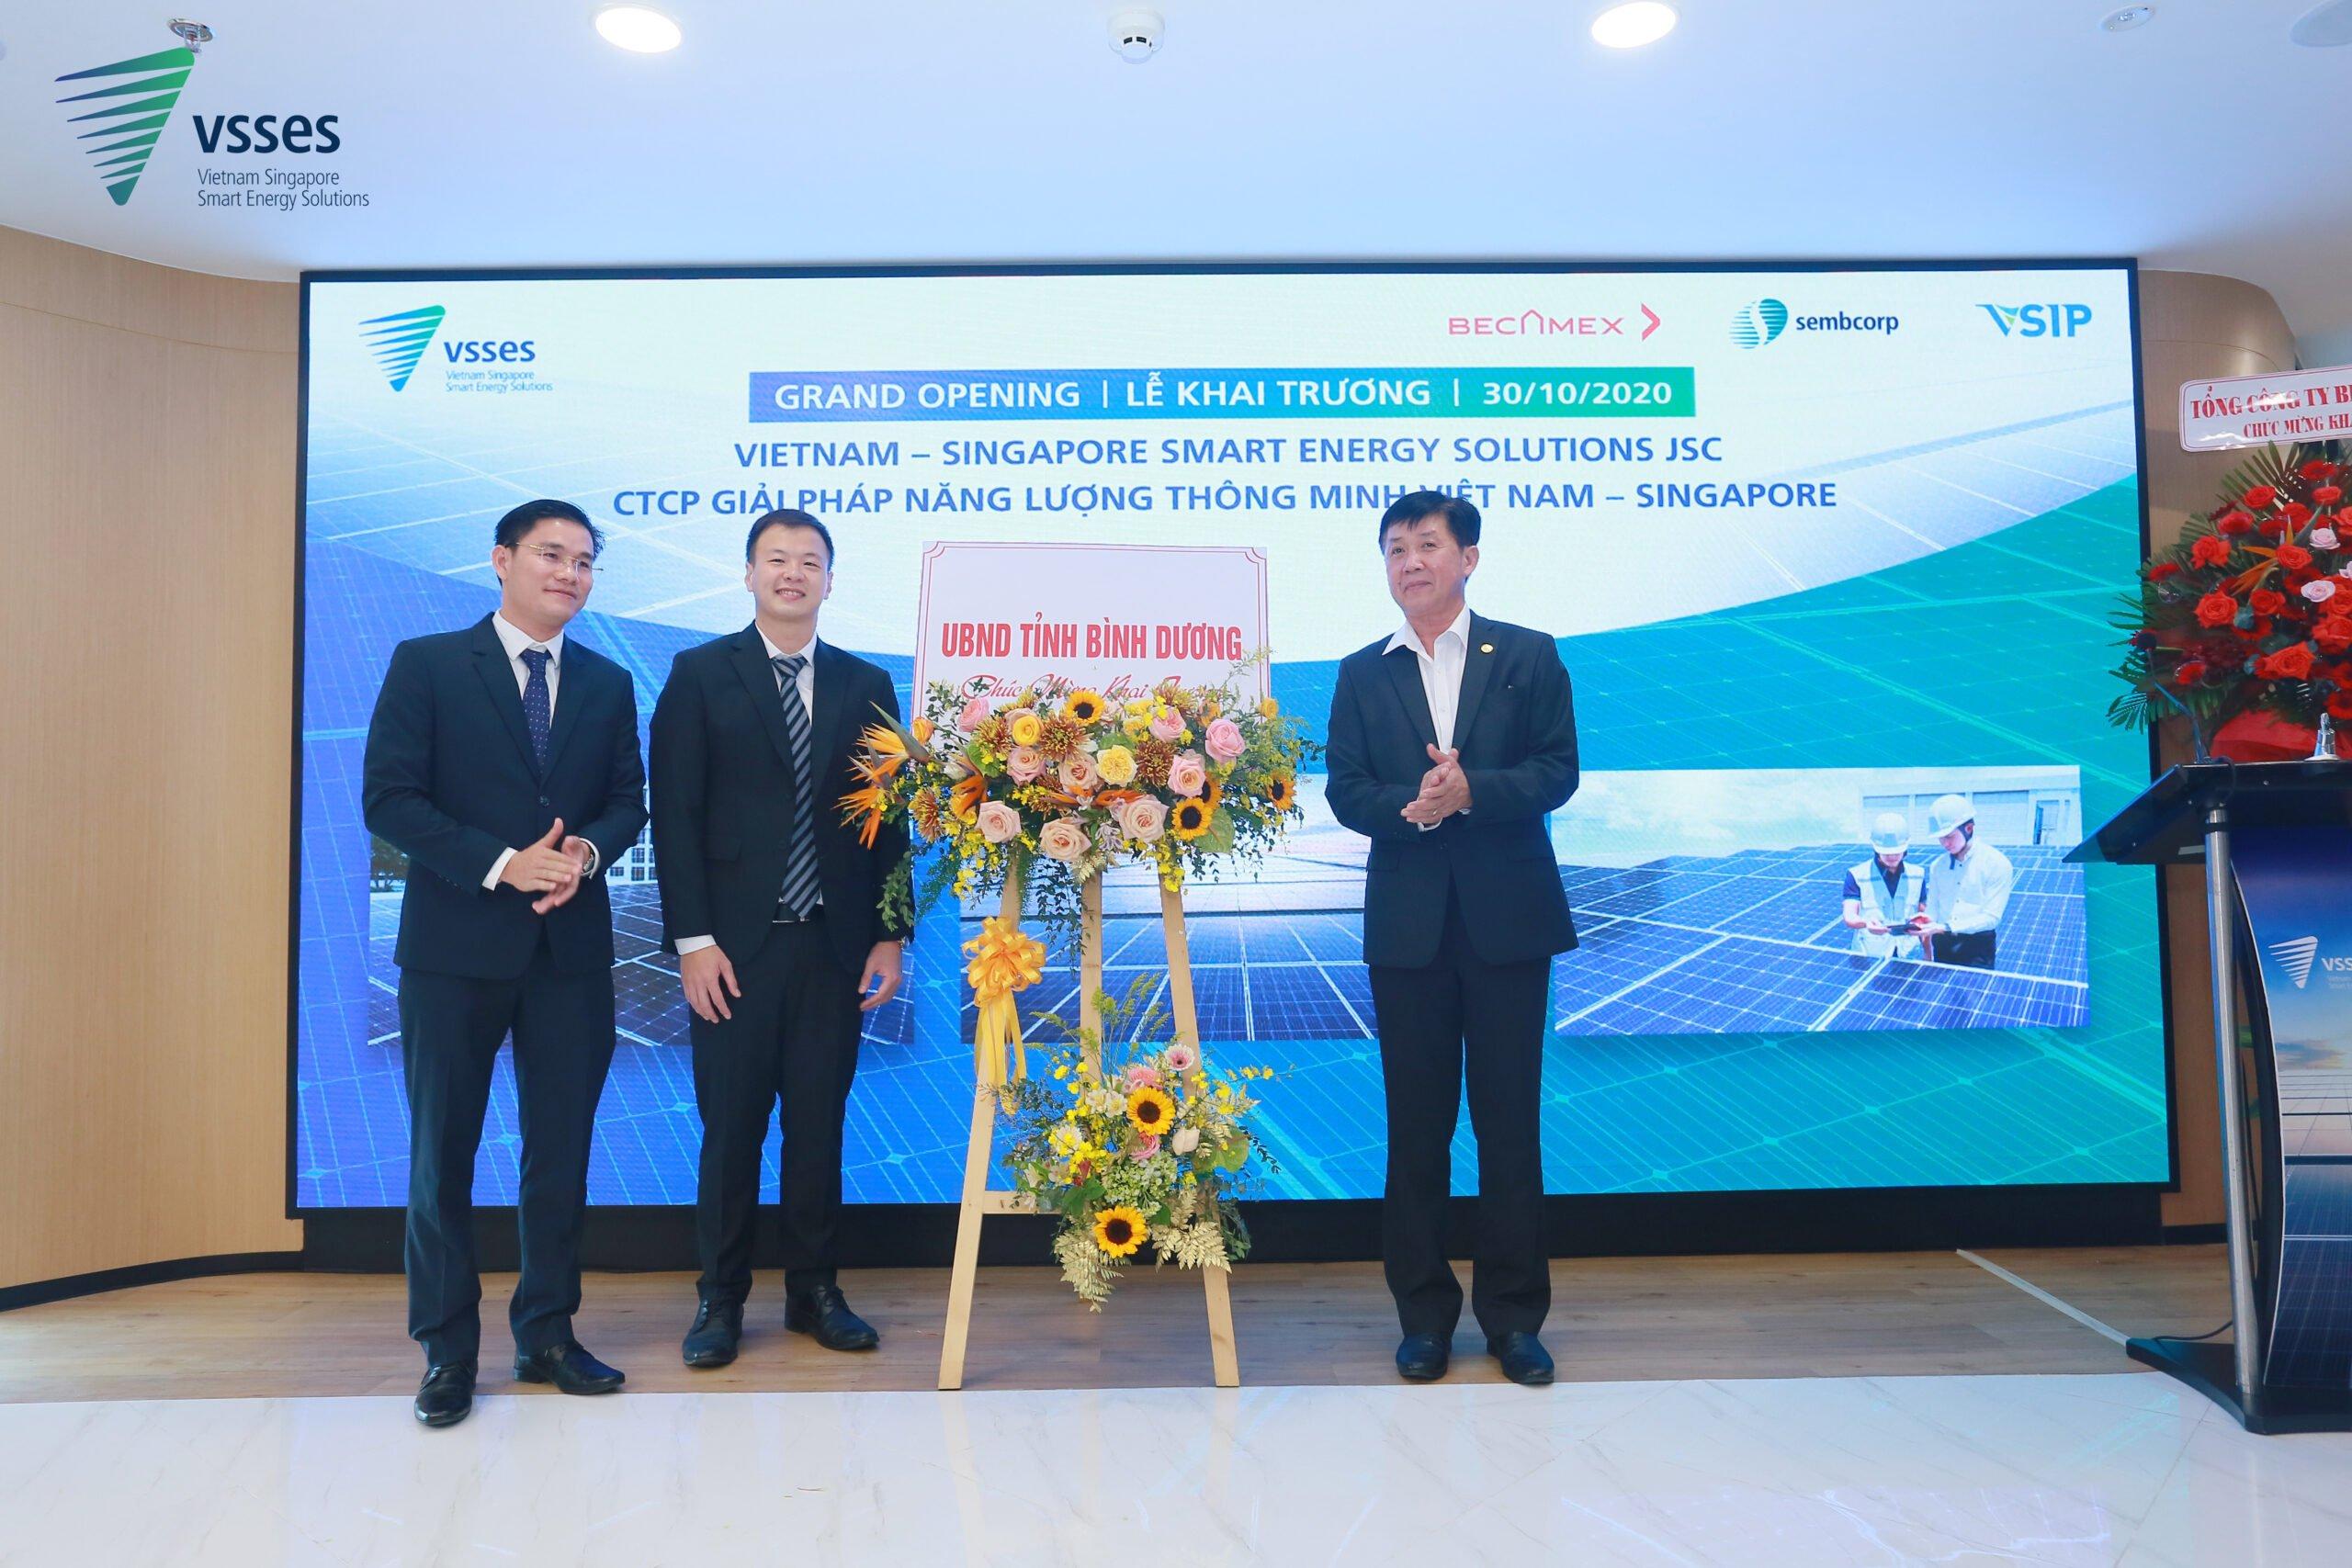 Vietnam - Singapore Smart Energy Solutions JSC (VSSES)